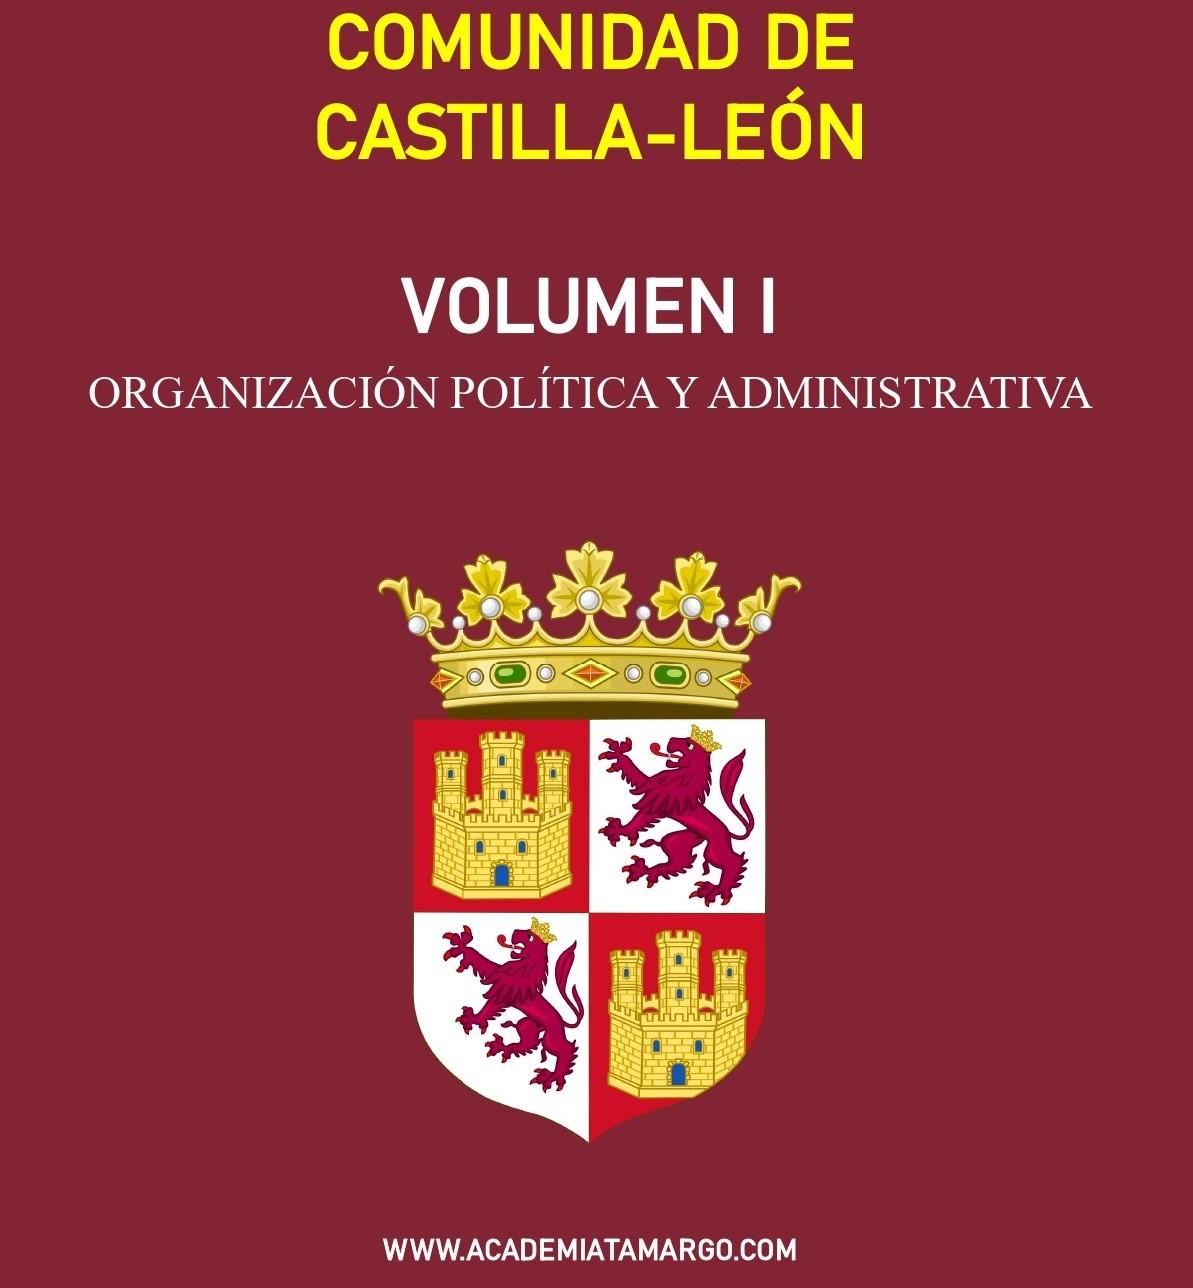 PORTADA AUXILIAR ADMINISTRATIVO CASTILLA Y LEON_page-0001 (2)